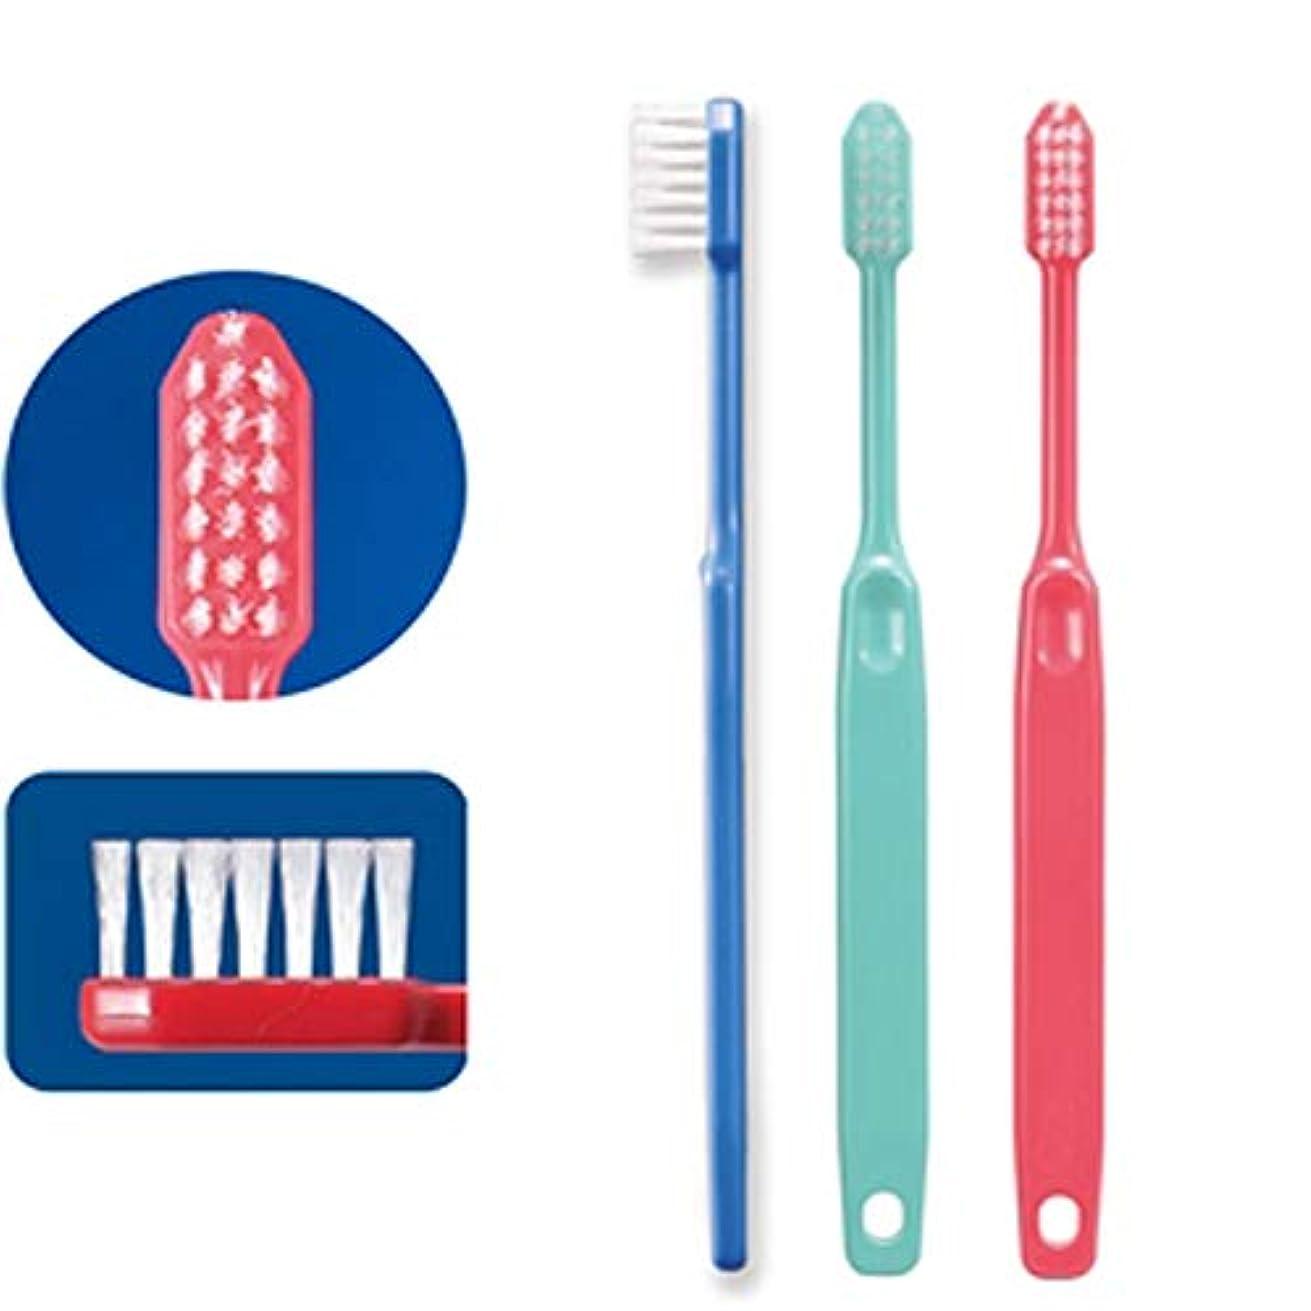 シェア立派なブルCi23(やややわらかめ)(疎毛タイプ)コンパクトヘッド歯ブラシ×10本 歯科専用